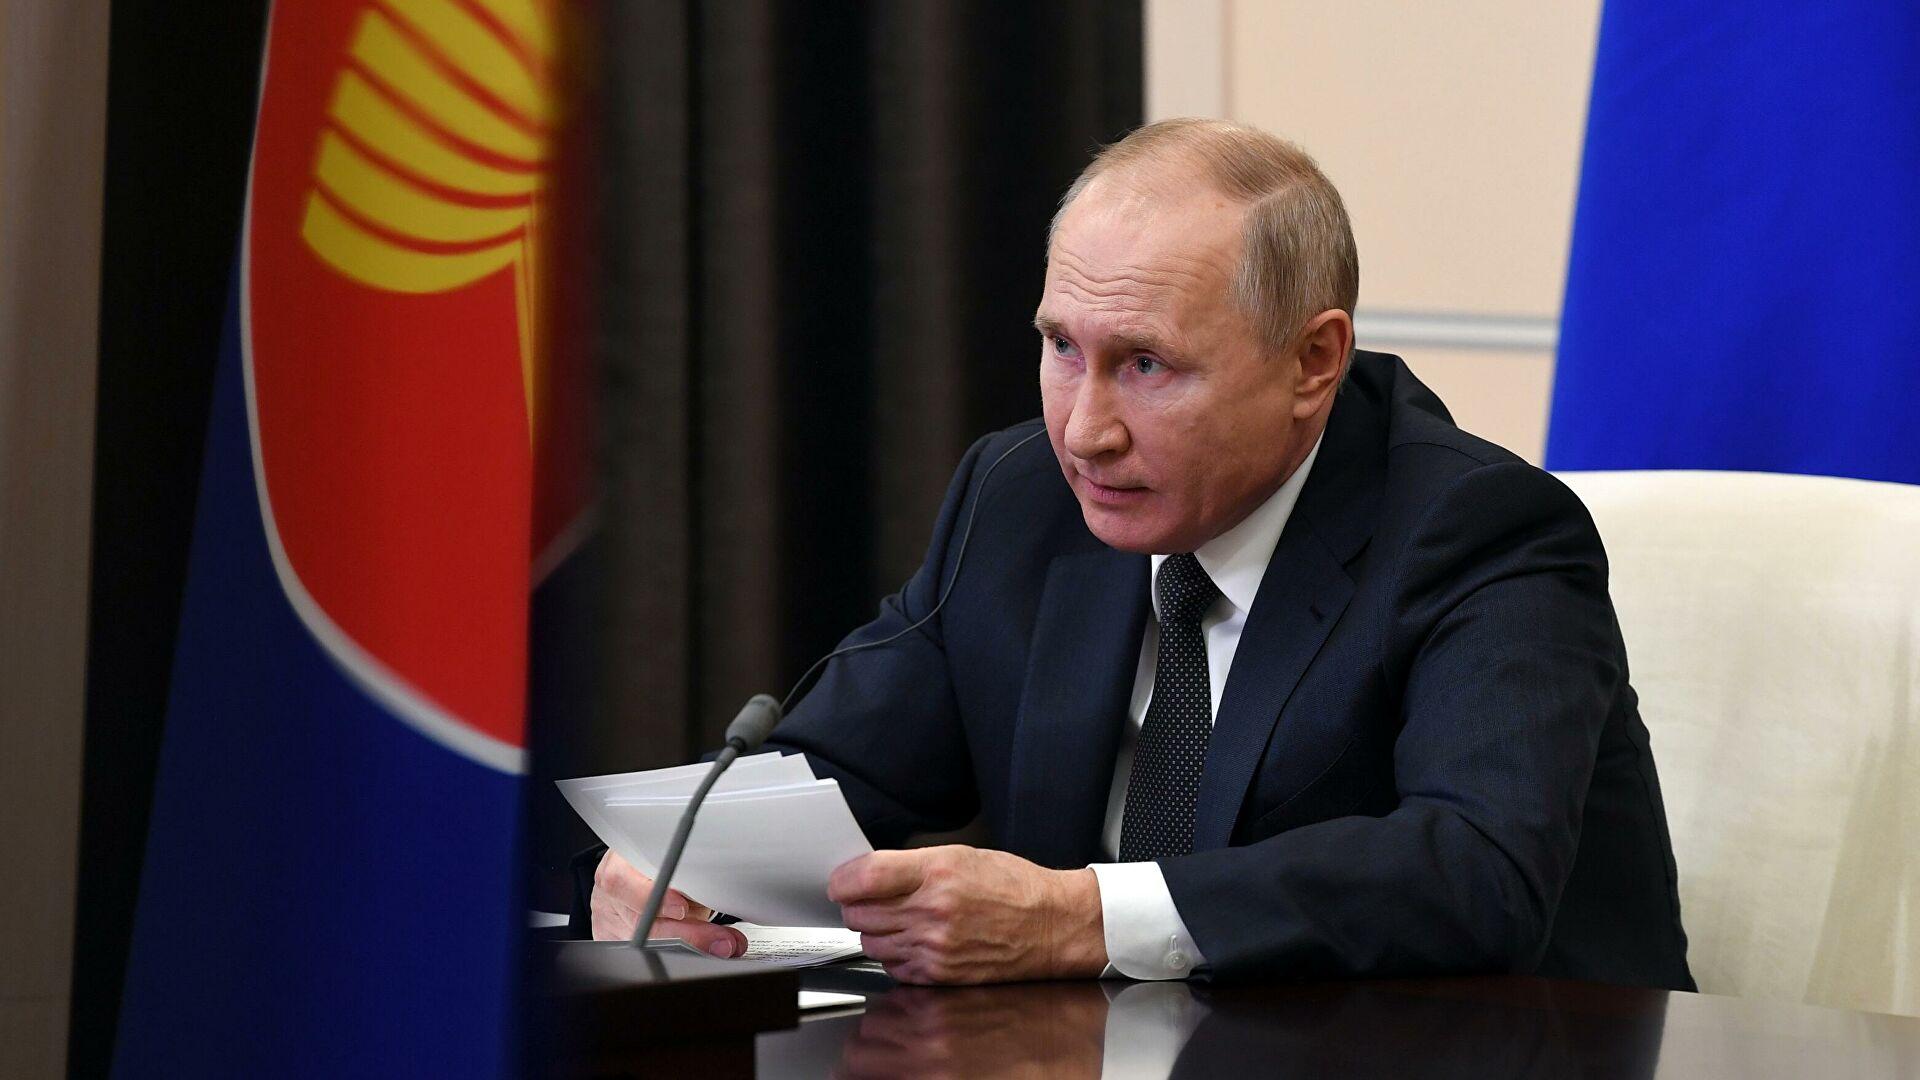 Путин: Ситуација у Нагорно-Карабаху се генерално стабилизовала